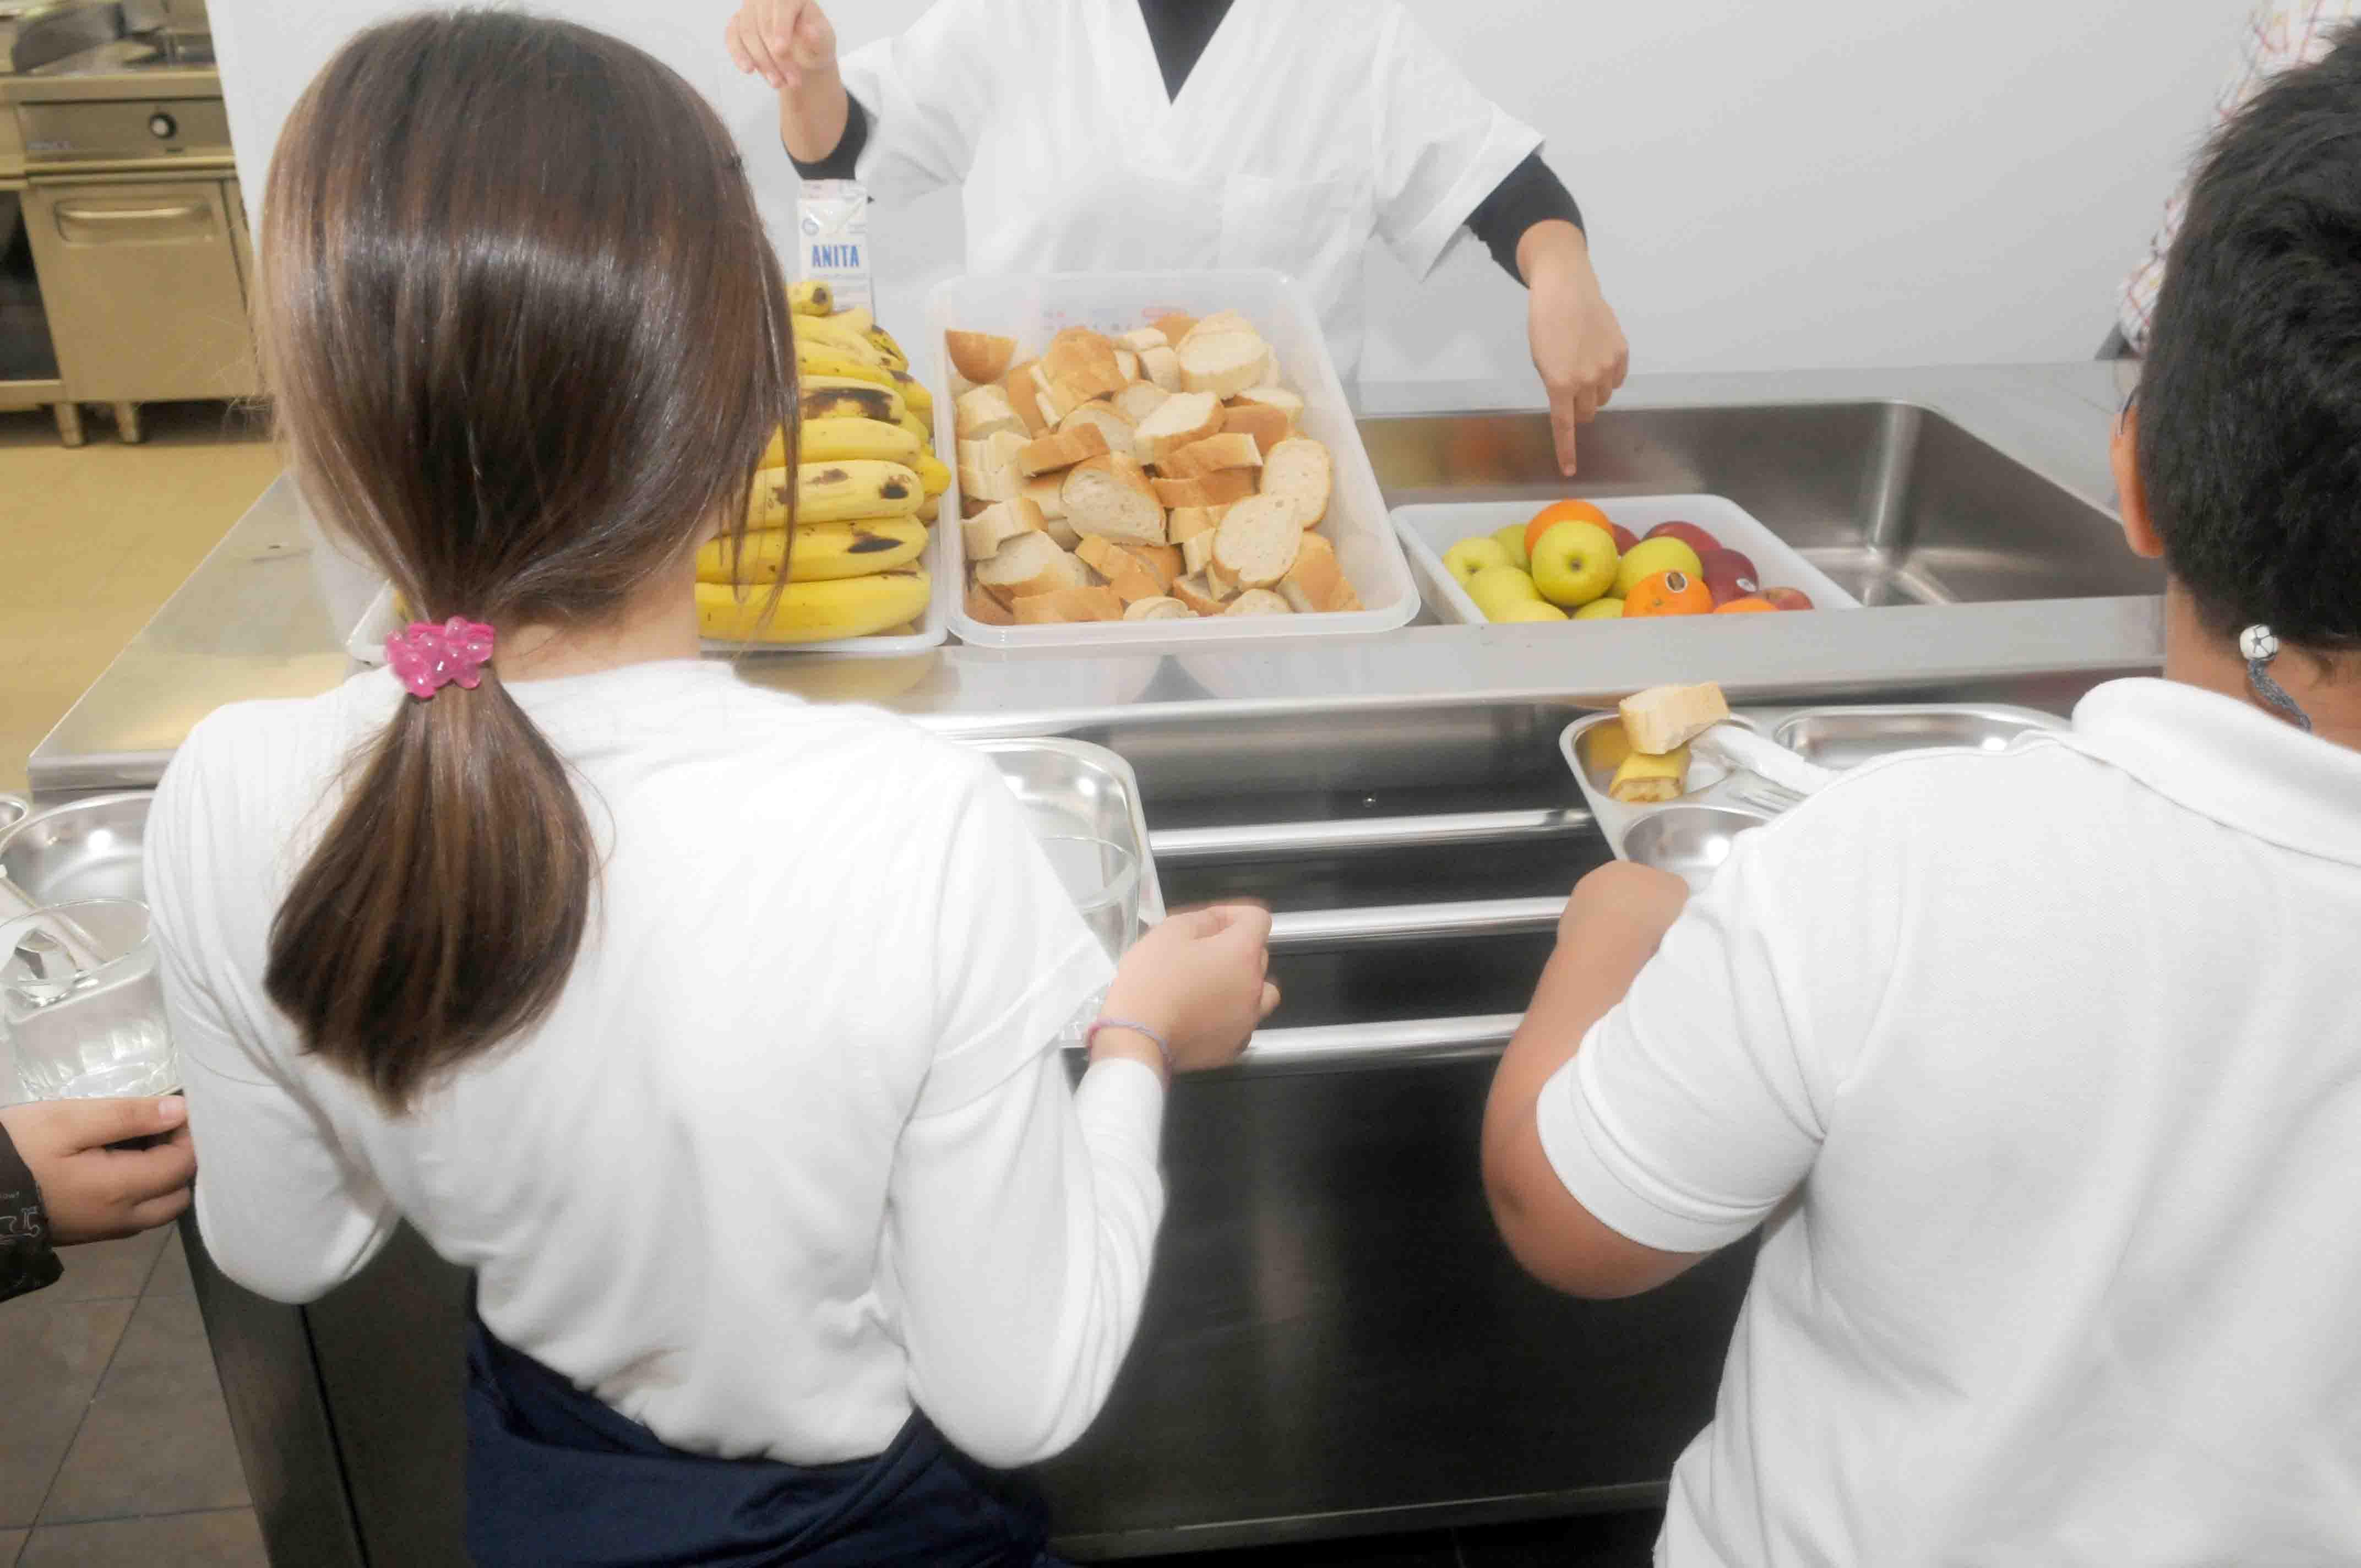 El PSOE agotará todas las vías para conseguir que se abran comedores escolares en Lorca durante el verano pese a la oposición del Partido Popular